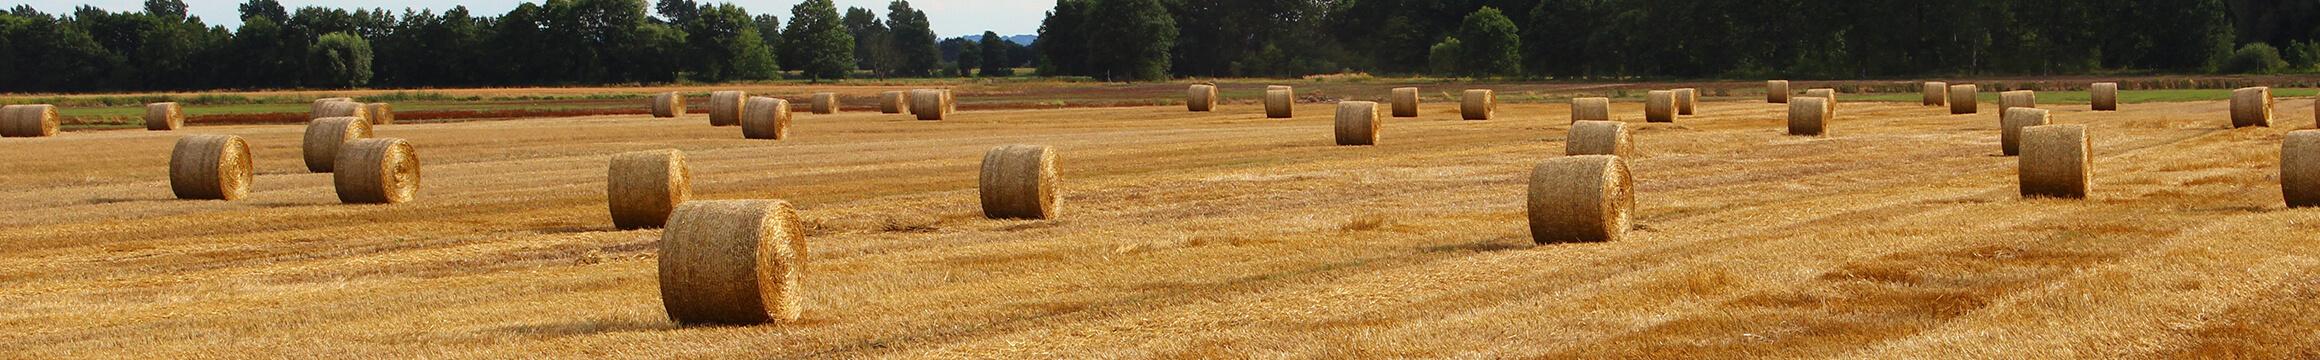 Farming Rural 01